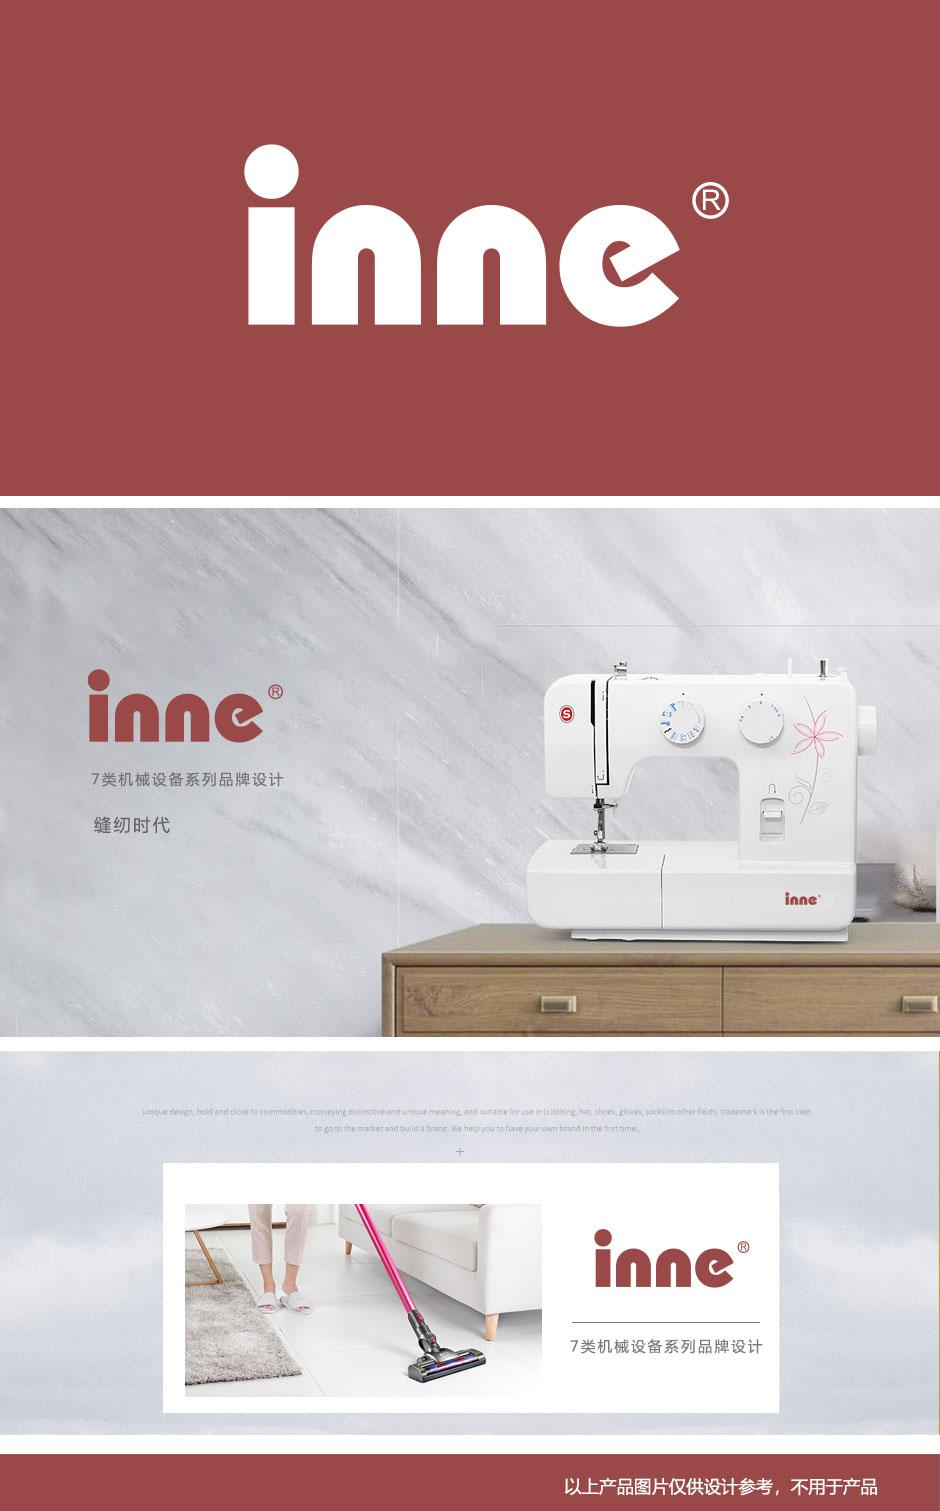 第7类-INNE